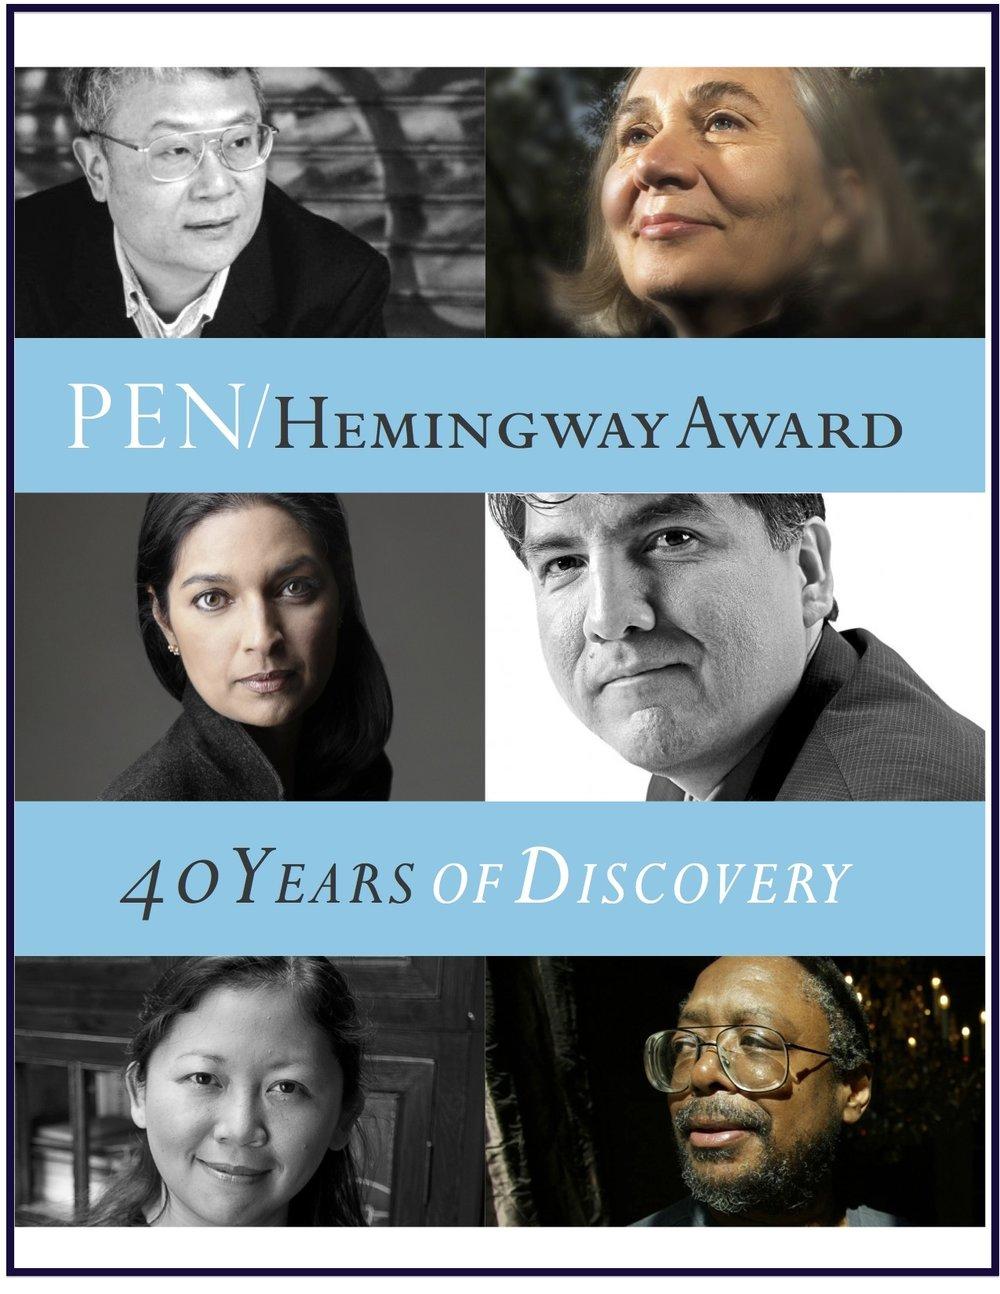 PEN/Hemingway